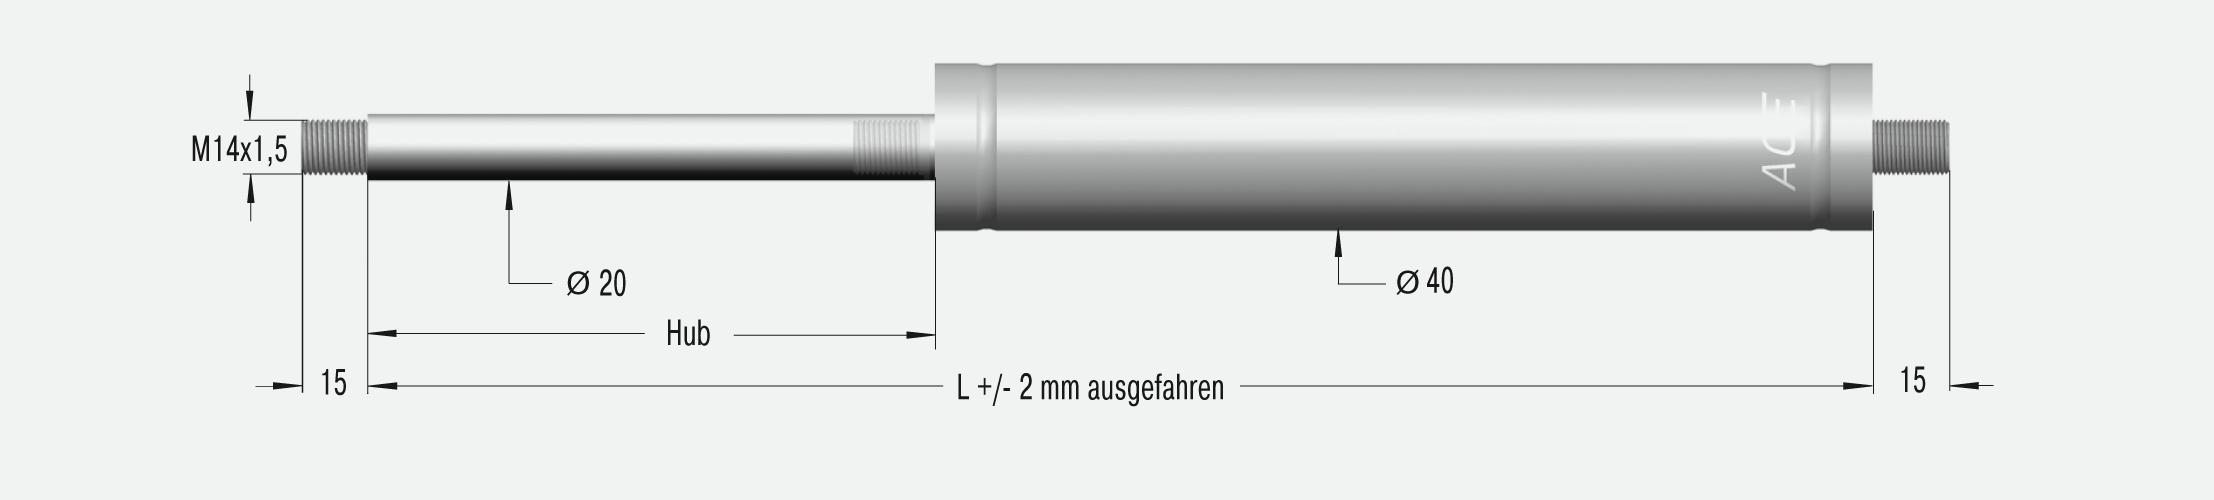 GS-40-500-VA